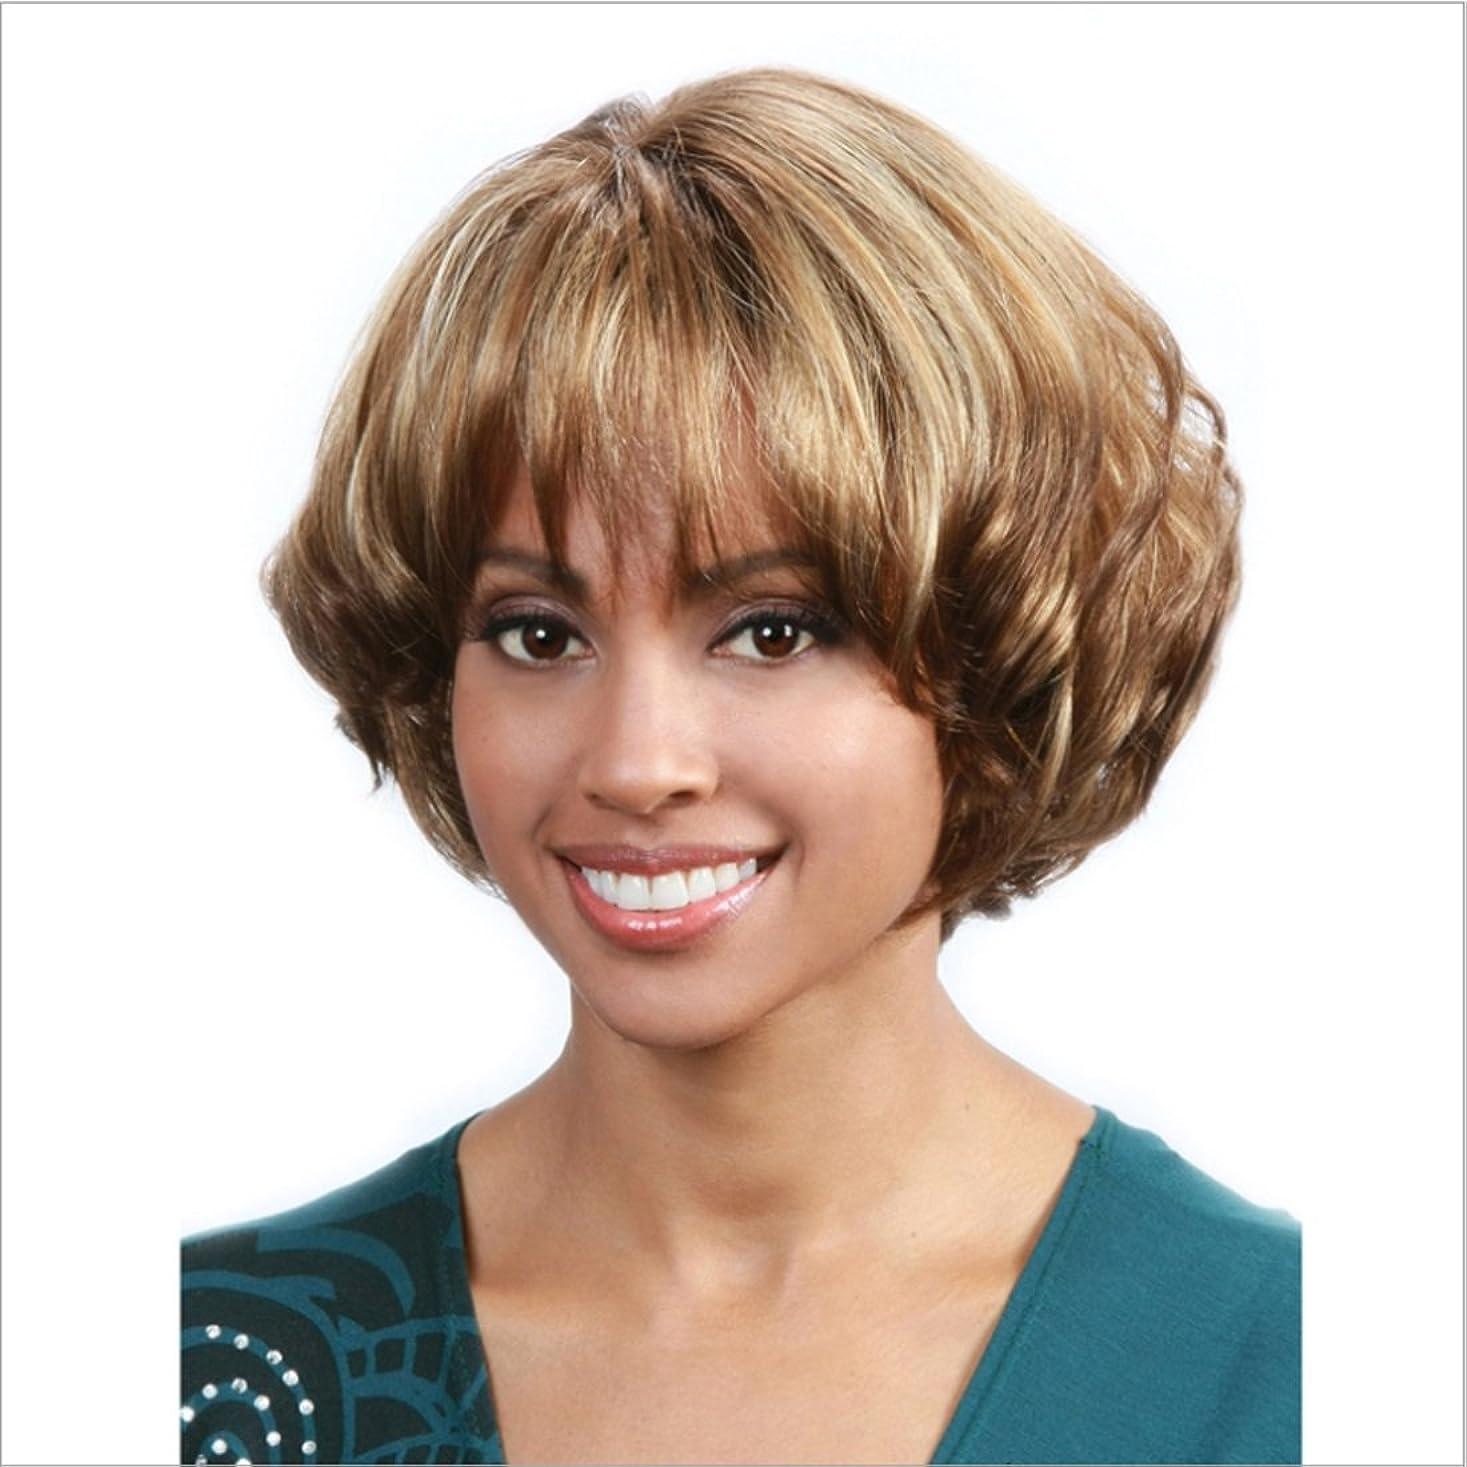 欠かせないしかし委員会かつら 混合色かつら白人女性のためのカーリー人工毛ショート茶色と黒のかつら熱抵抗毛ふわふわウィッグとフラット前髪10インチ/ 150gファッションかつら (色 : Brown and black)